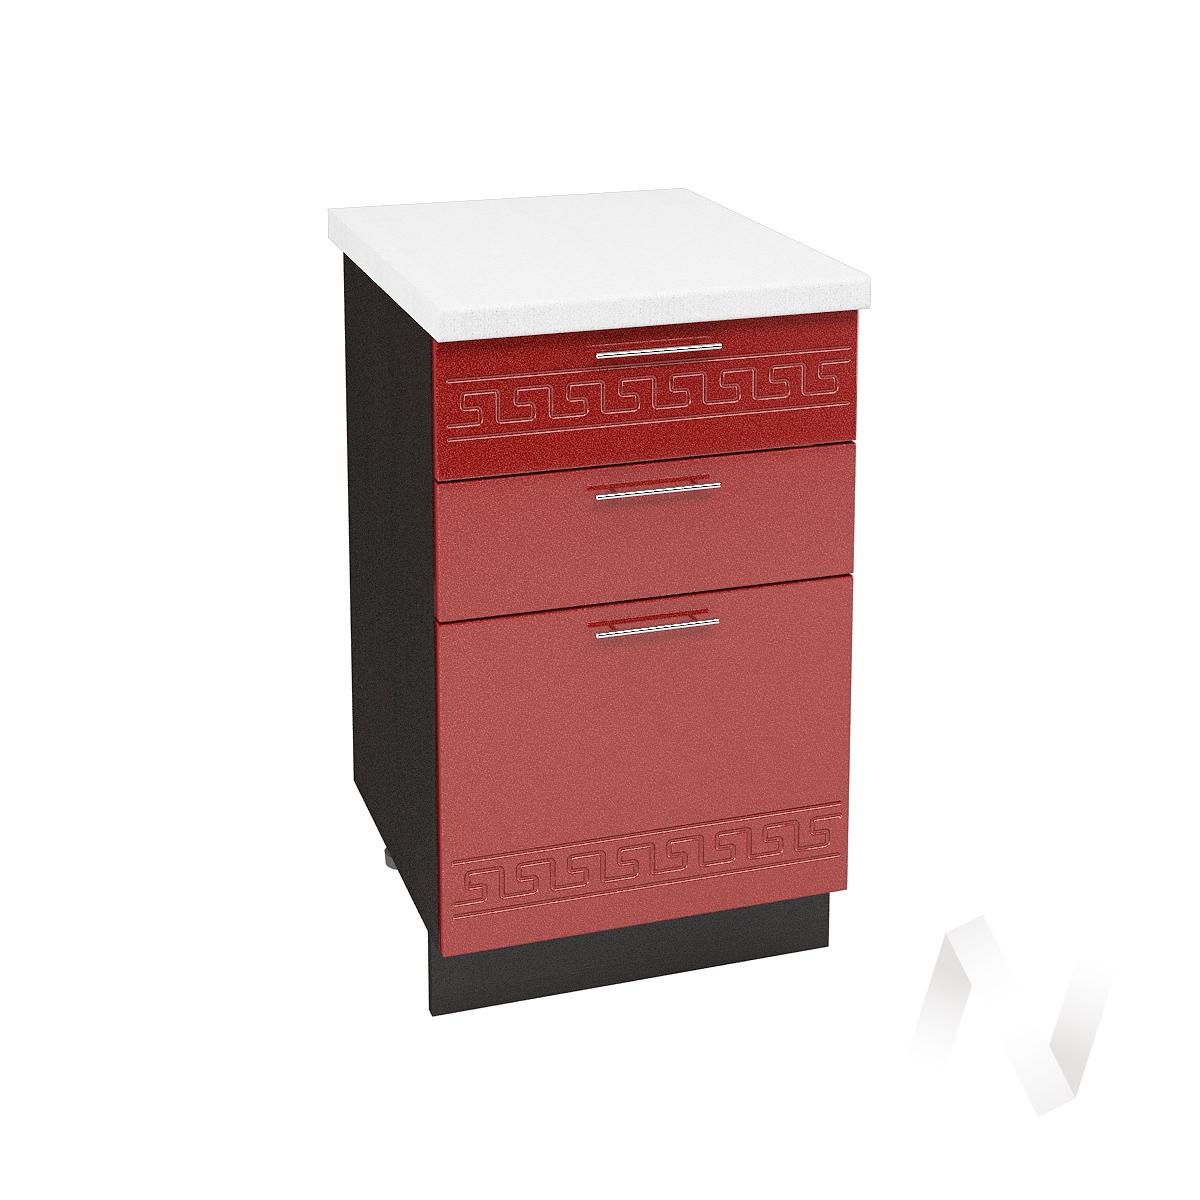 """Кухня """"Греция"""": Шкаф нижний с 3-мя ящиками 500, ШН3Я 500 (гранатовый металлик/корпус венге)"""